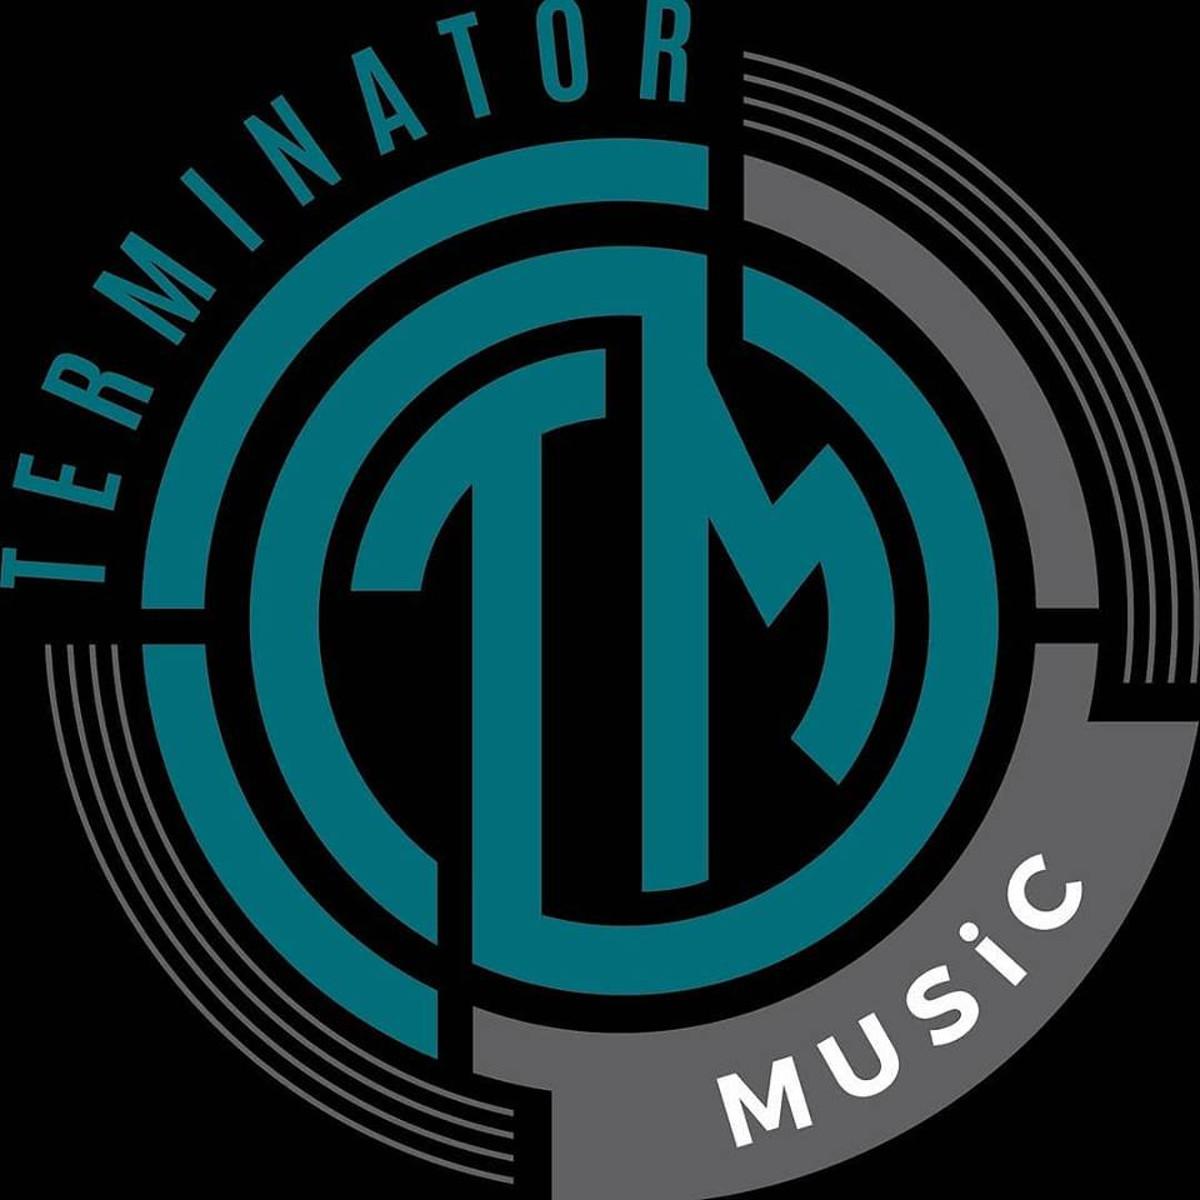 Dj Gukwa Terminator Music - Dj Gukwa Ft. Dj Tira, Luxman, Skye Wanda & TNS – Touch The Floor